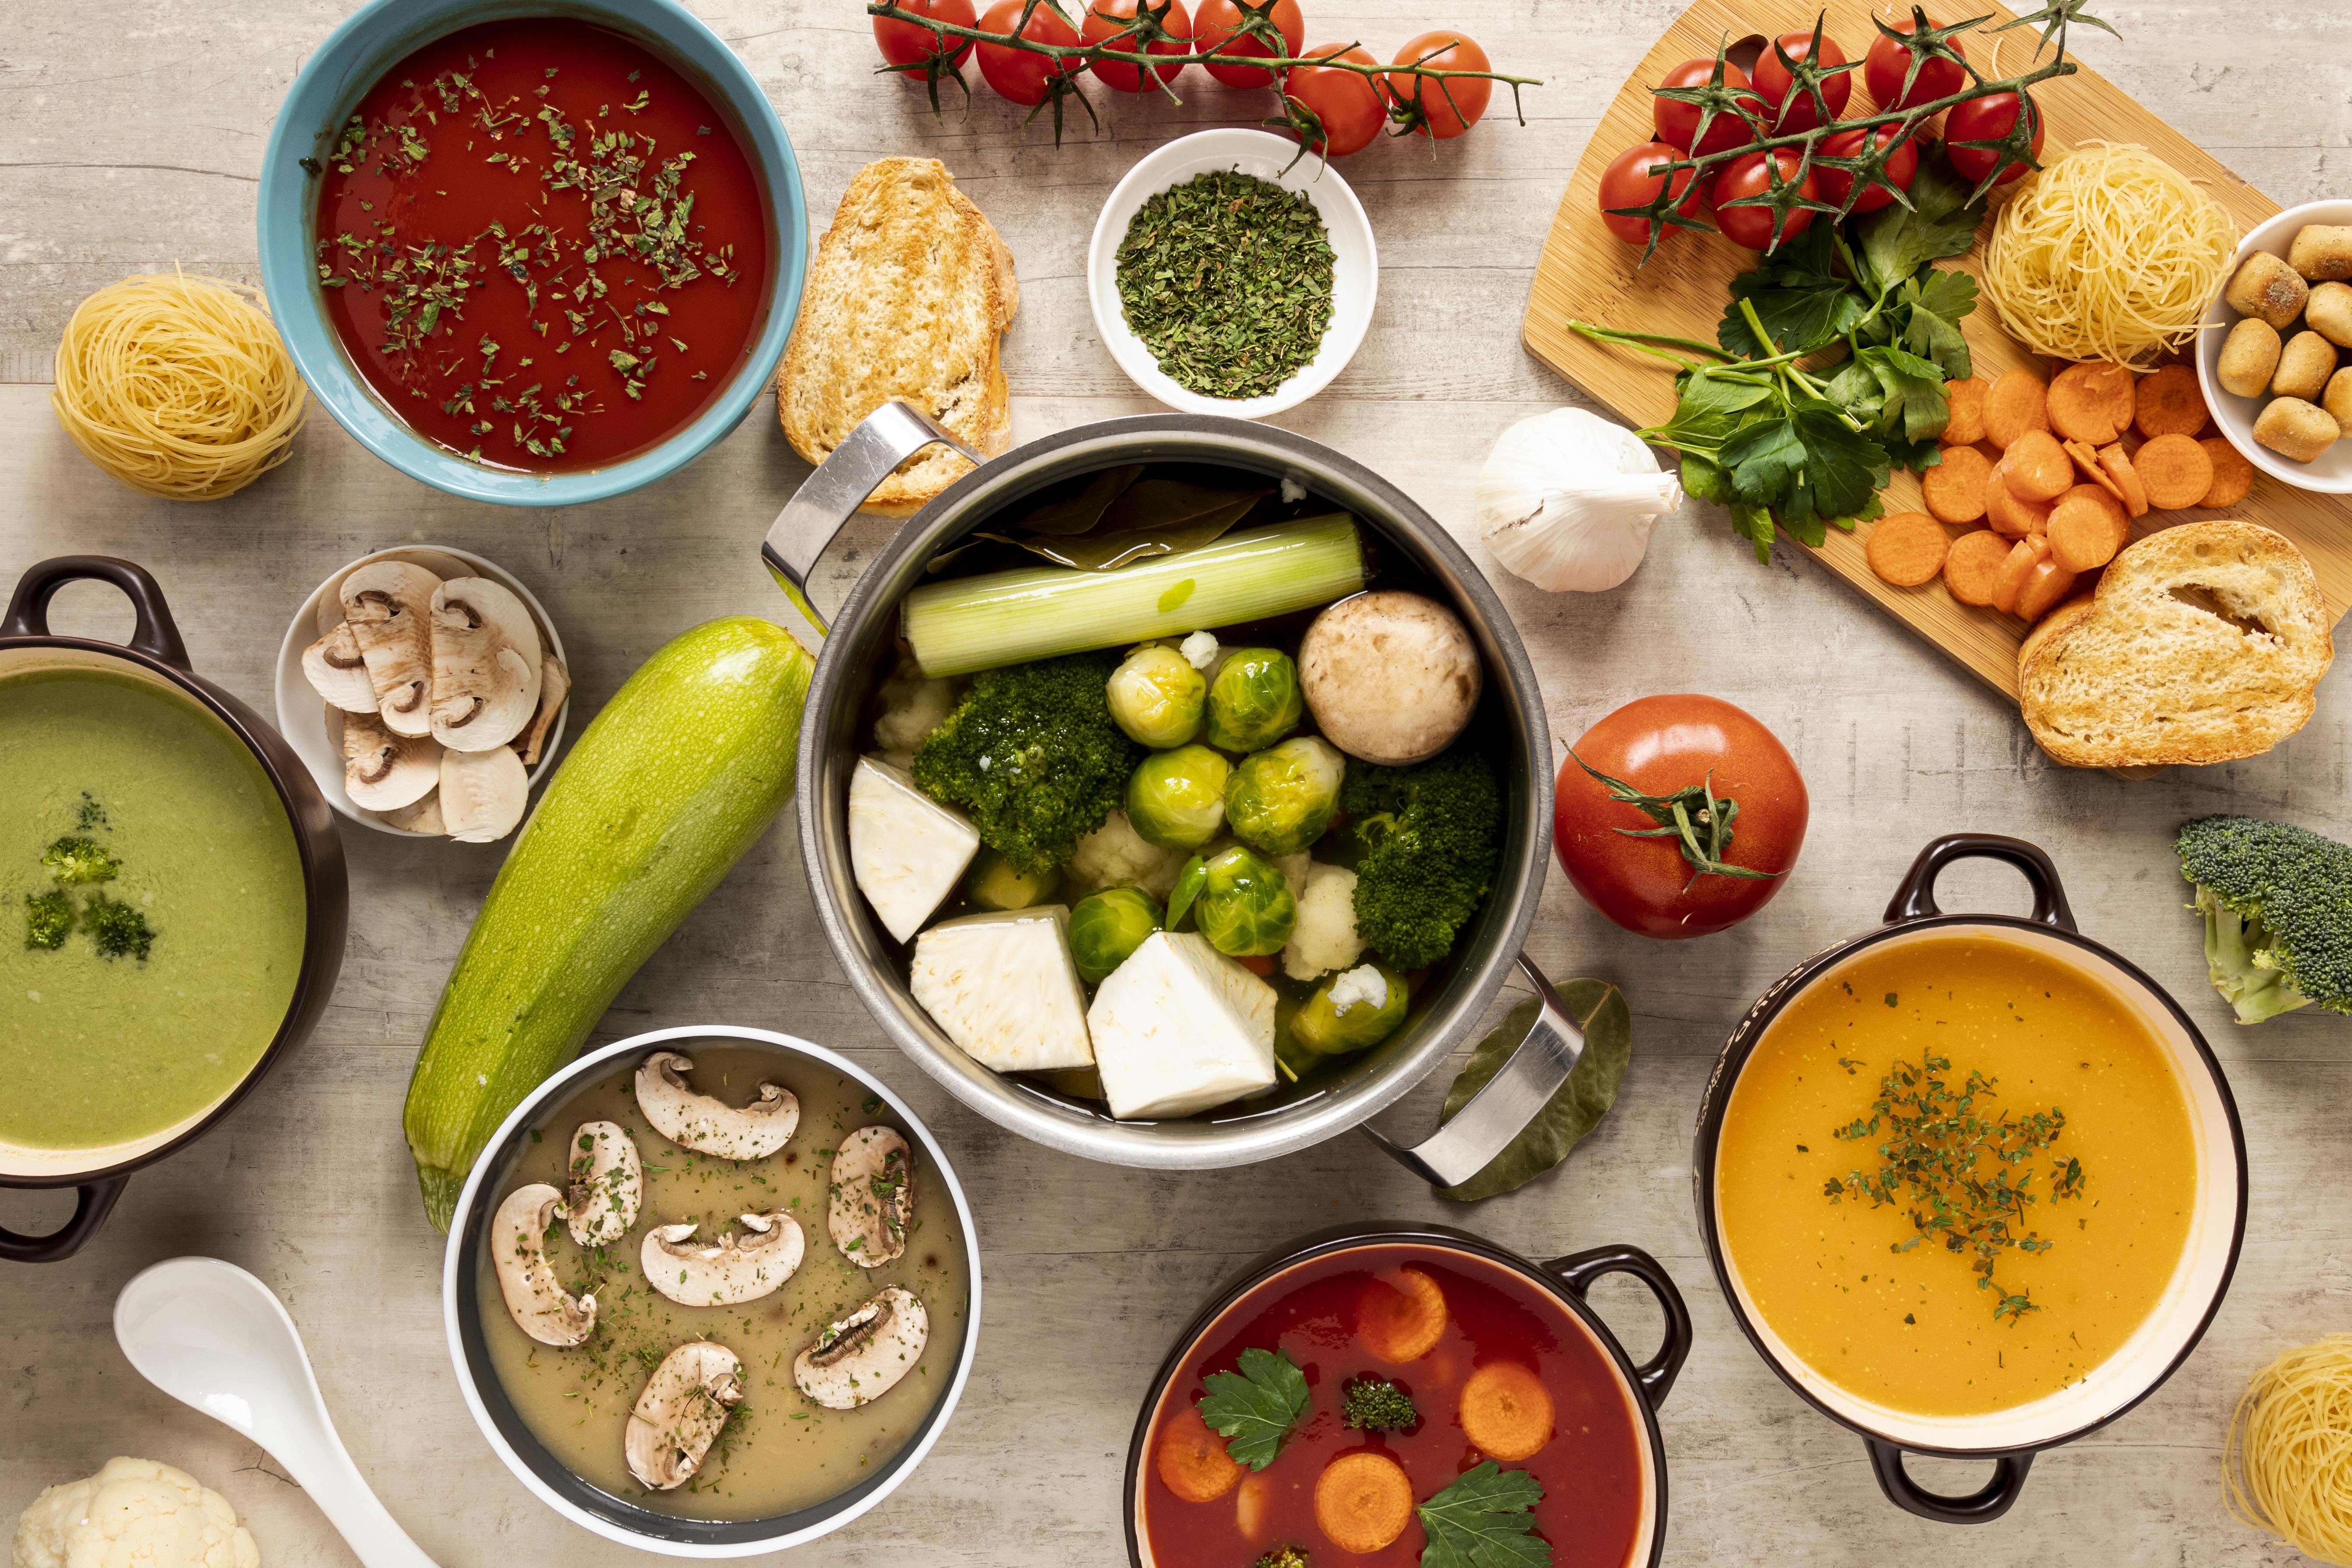 جانئیے چند مزیدار کھانے جن سے وزن بھی نہ بڑھے اور غذائیت بھی ملے